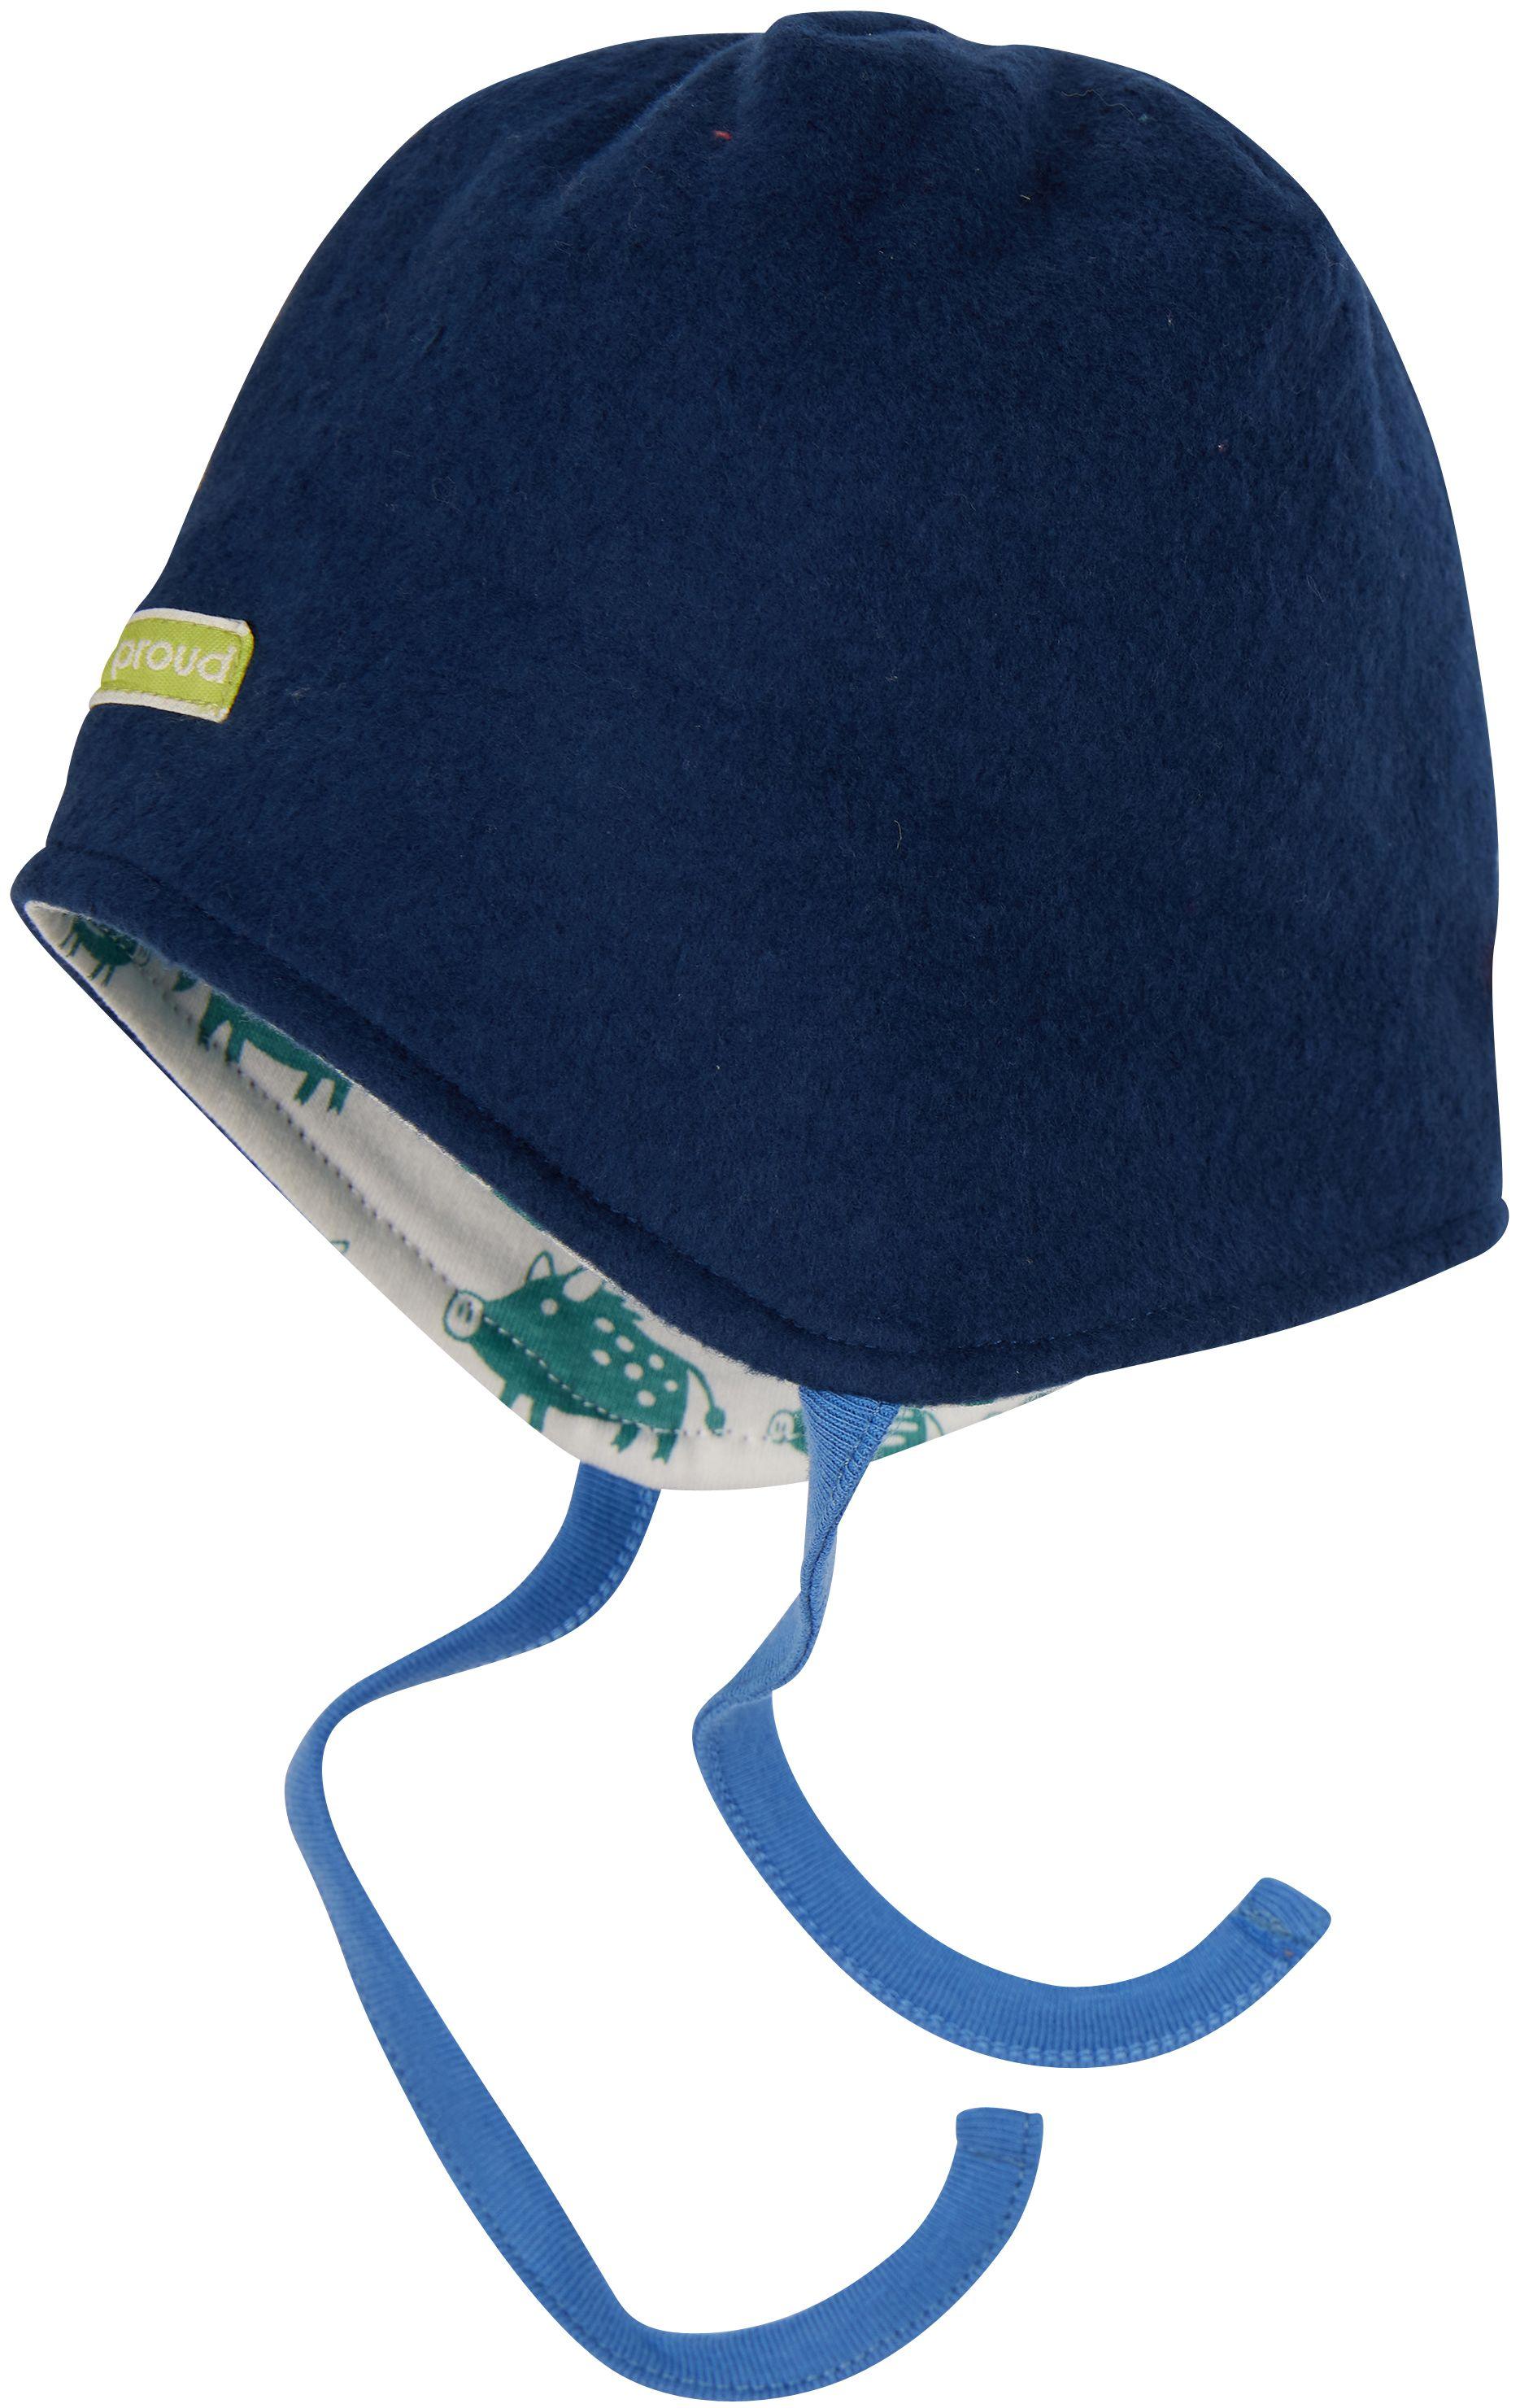 Weiche Fleece-Wende-Mütze für Kinder Ultramarin